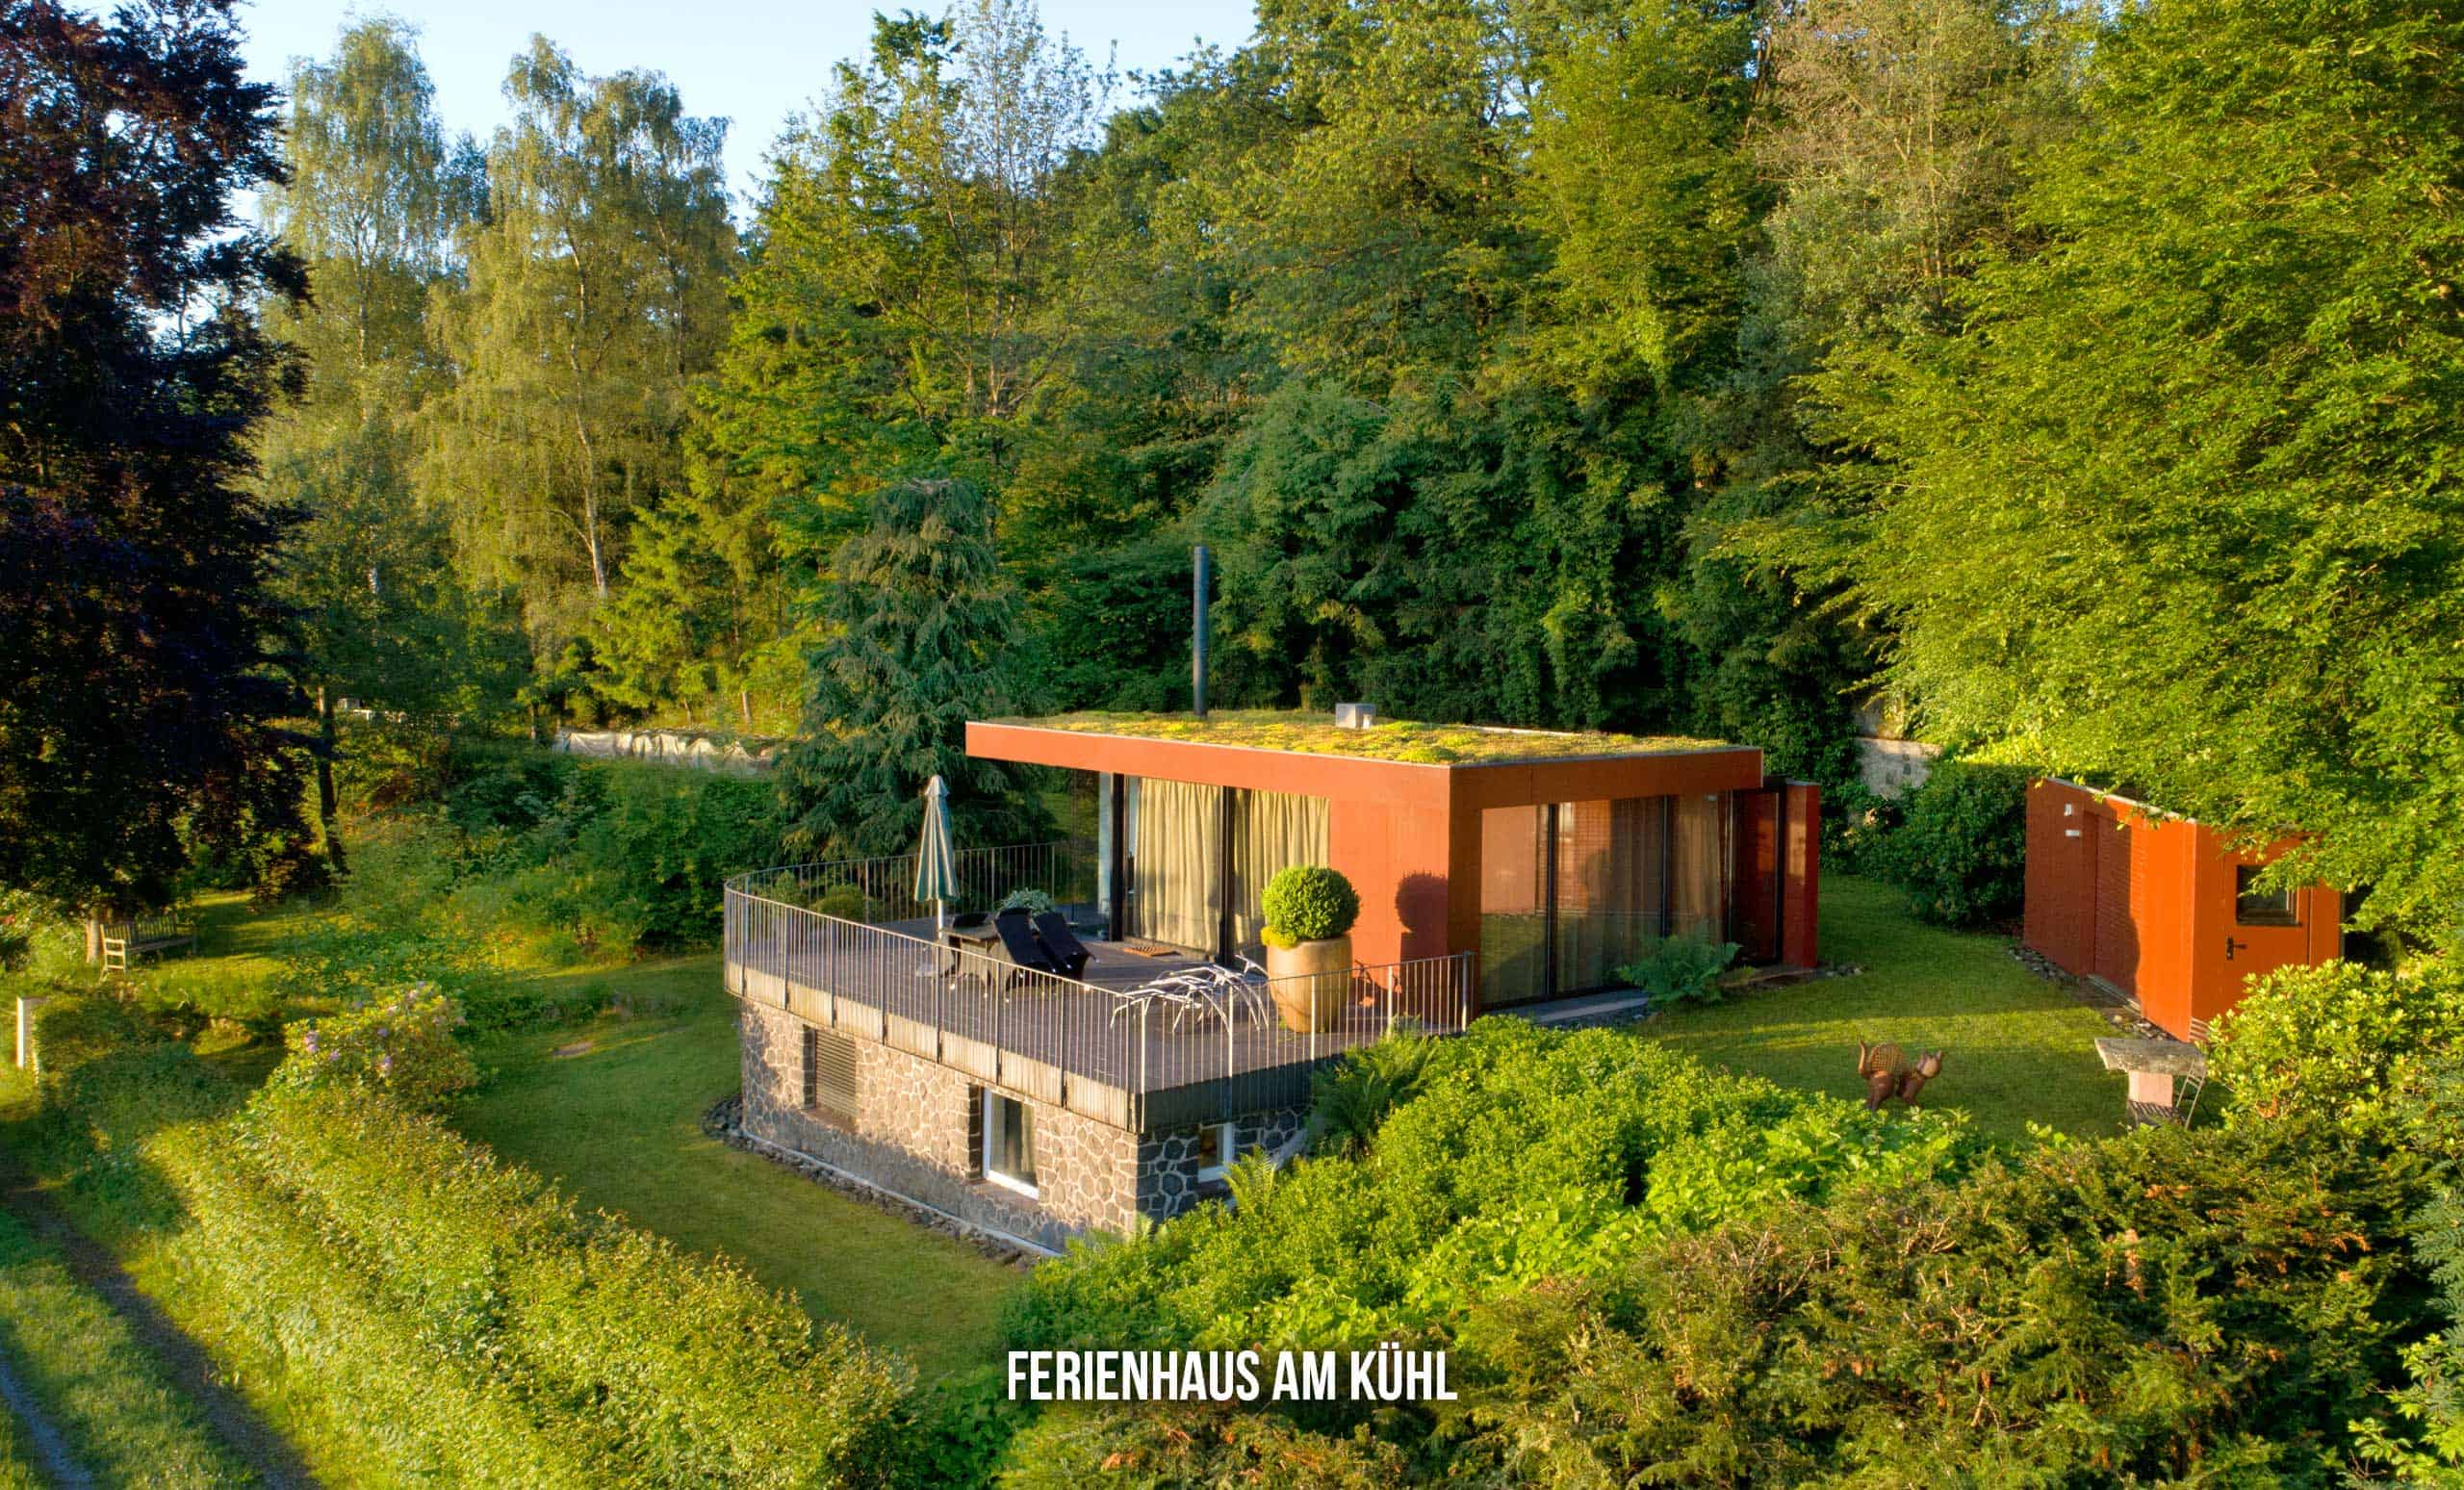 Ferienhaus am Kühl Poppenhausen Rhön